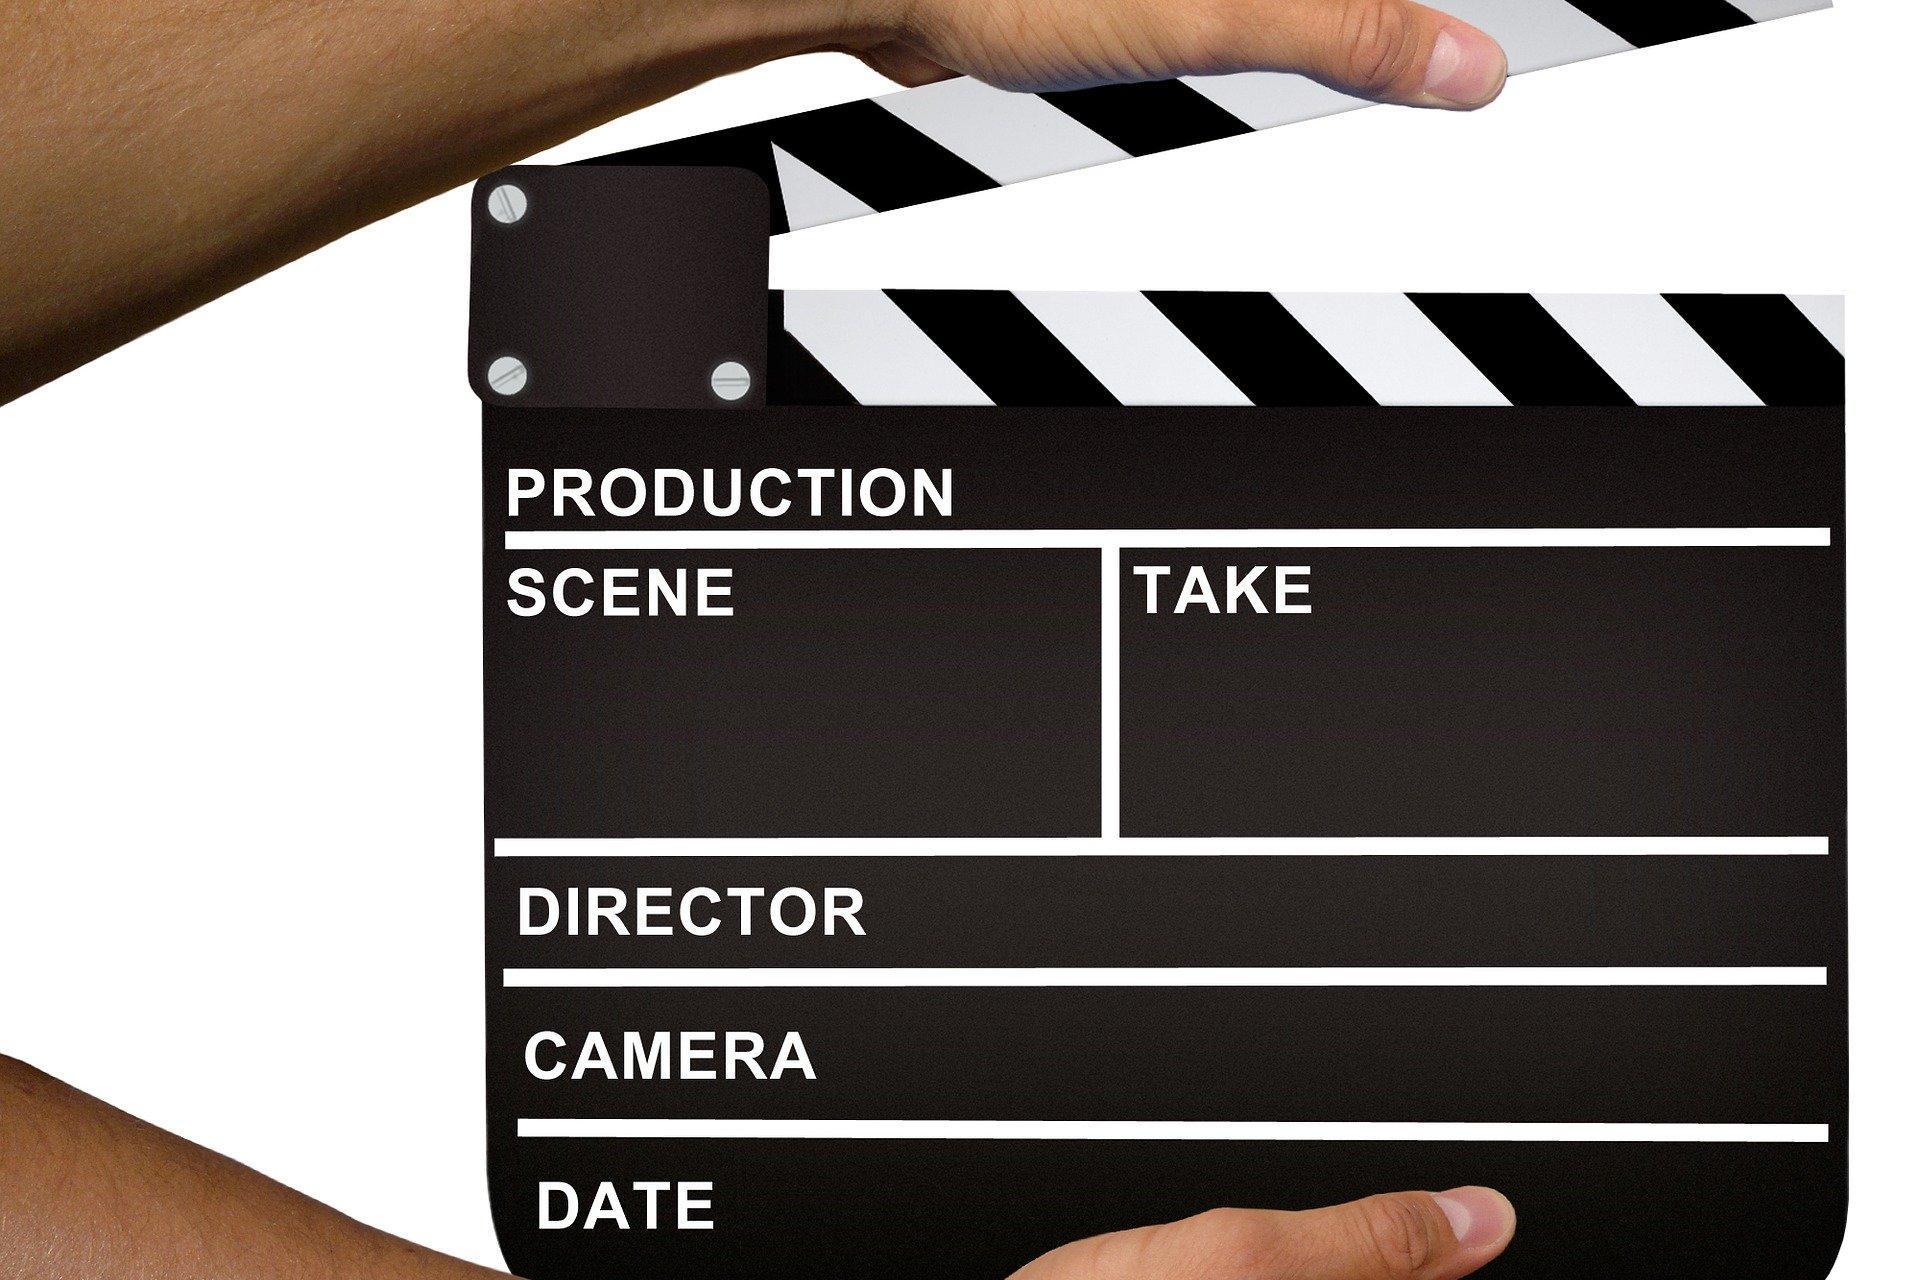 Filmklappe (c) Bild von Mediamodifier auf Pixabay